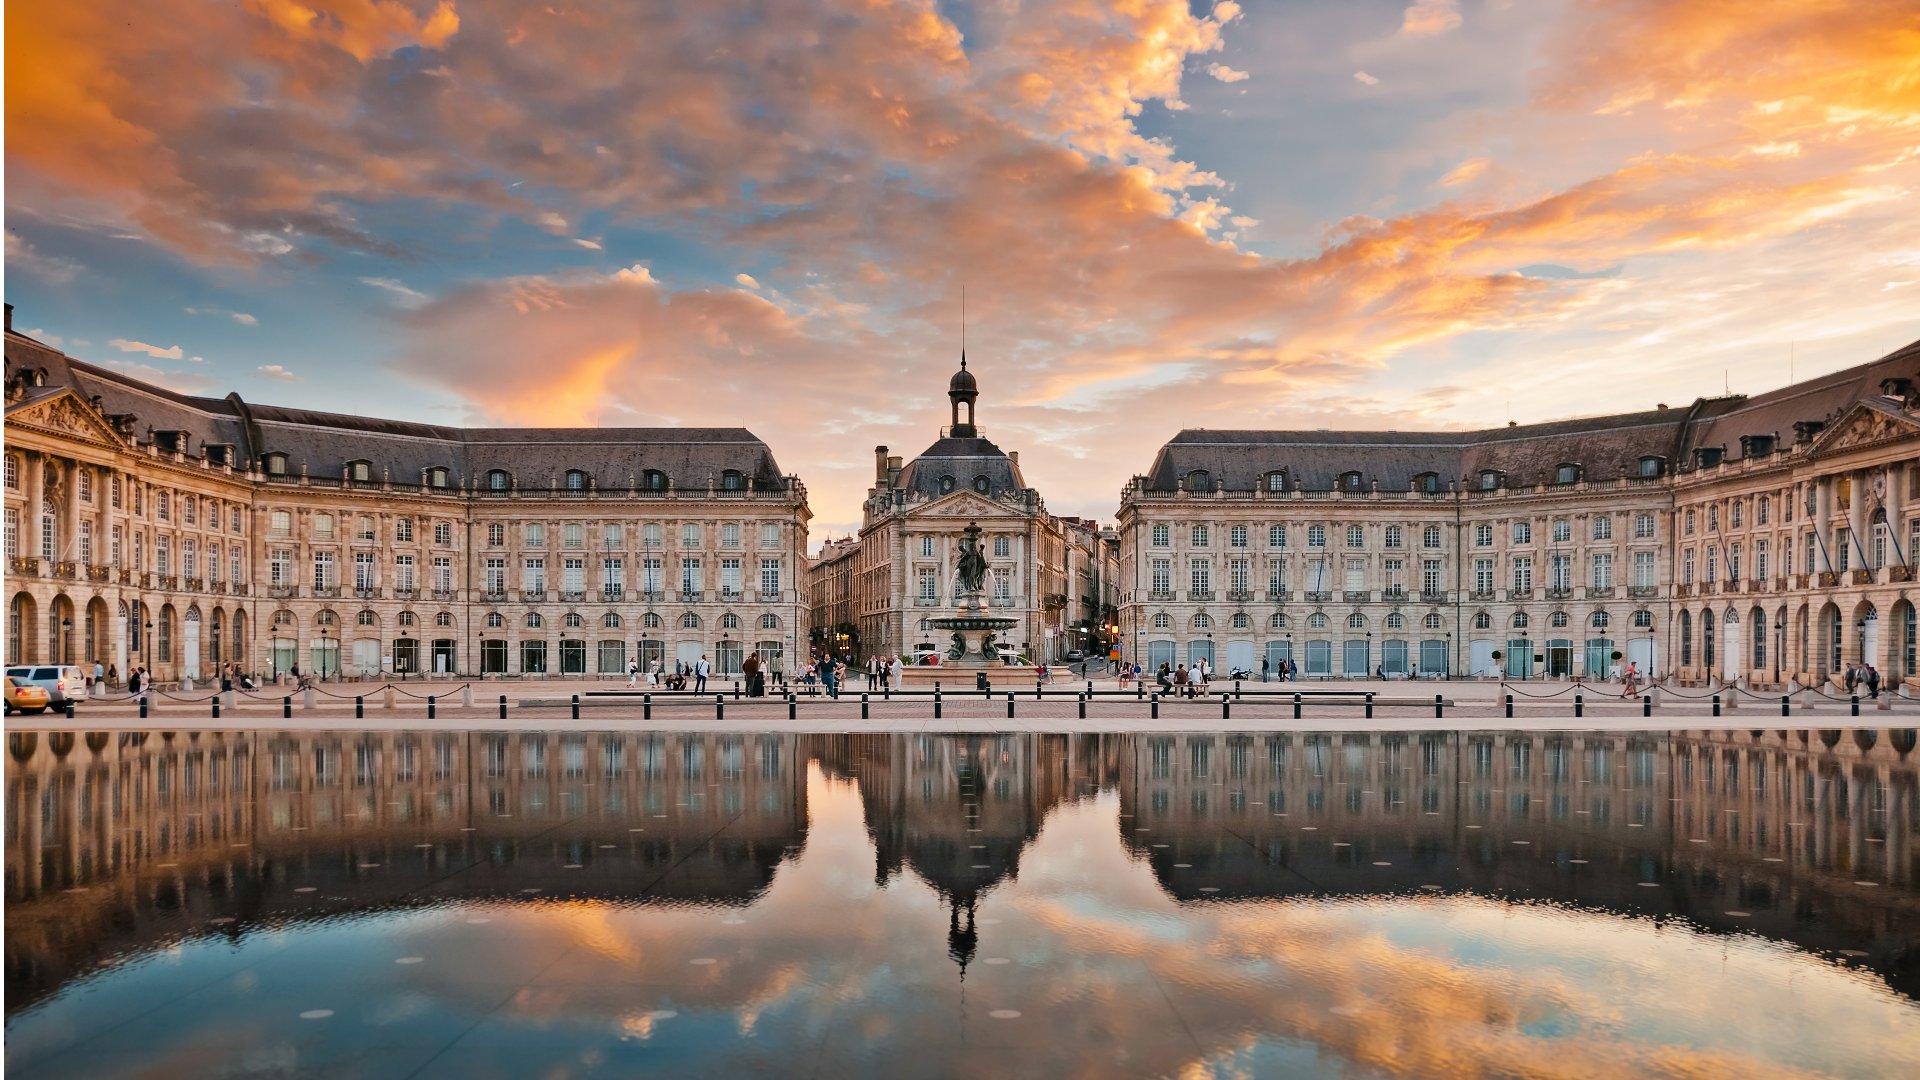 bordeaux 1 - La LINGUADOCA - passando per Carcassonne, Tolosa e Bordeaux